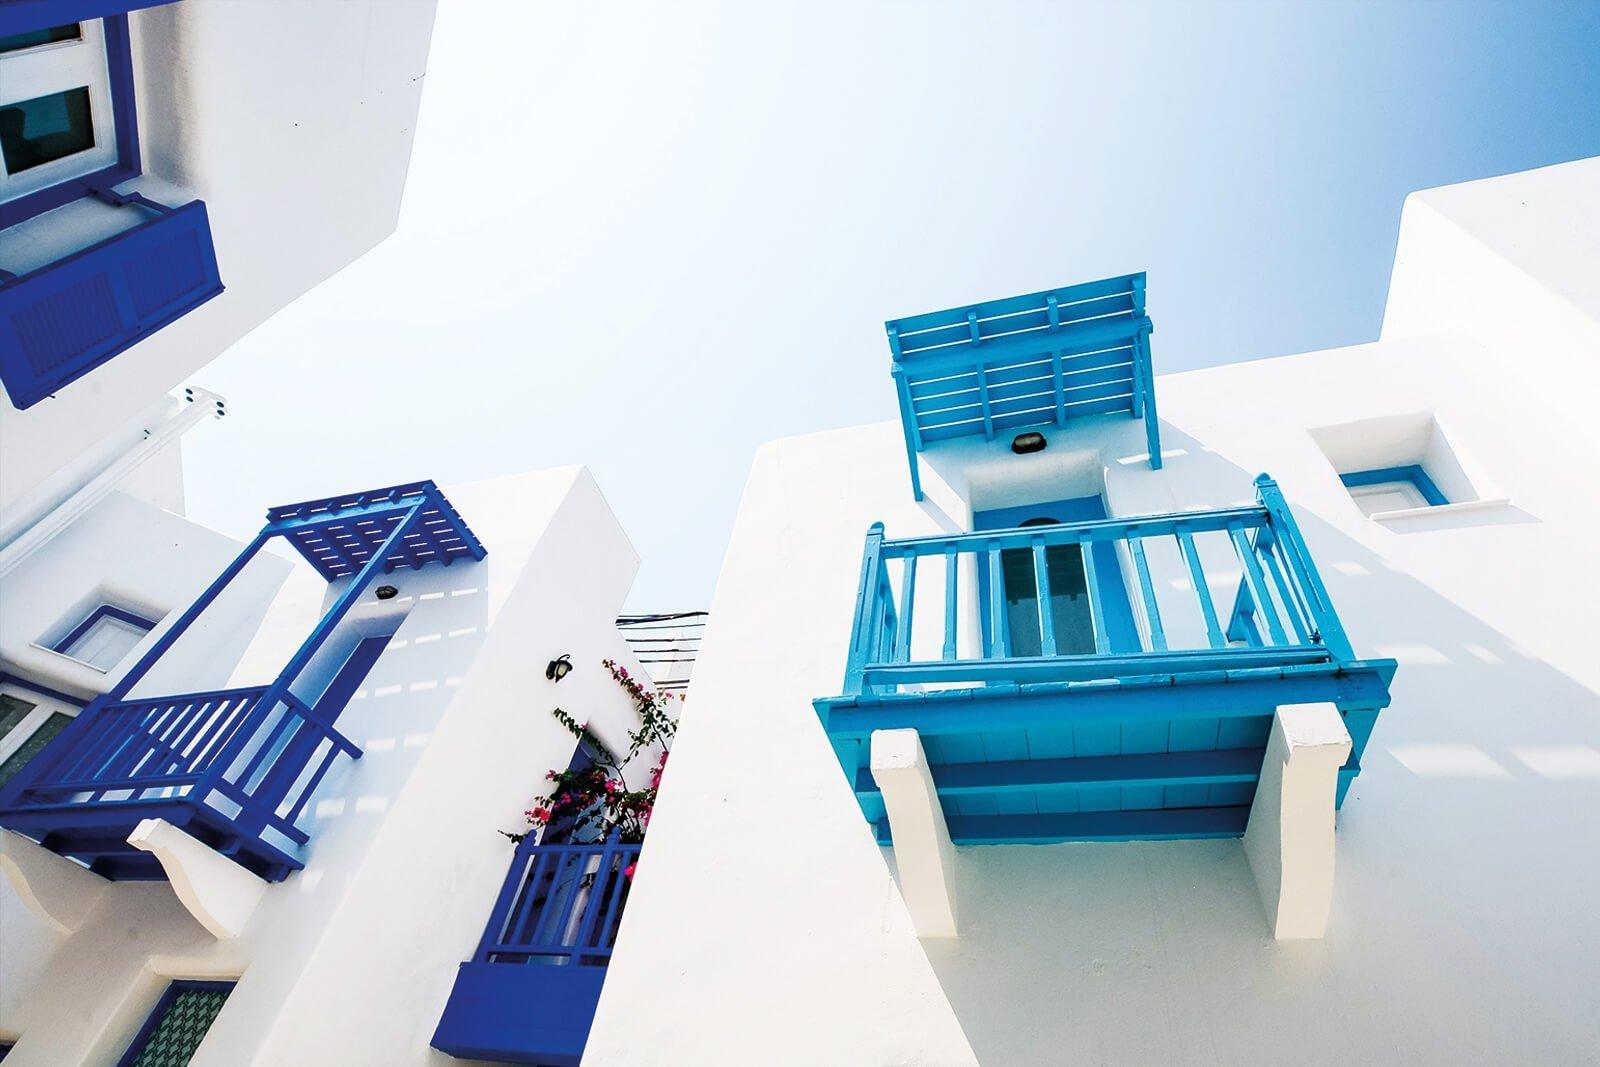 Fachada de una casa pintada de blanco con las ventanas pintadas con pintura azul